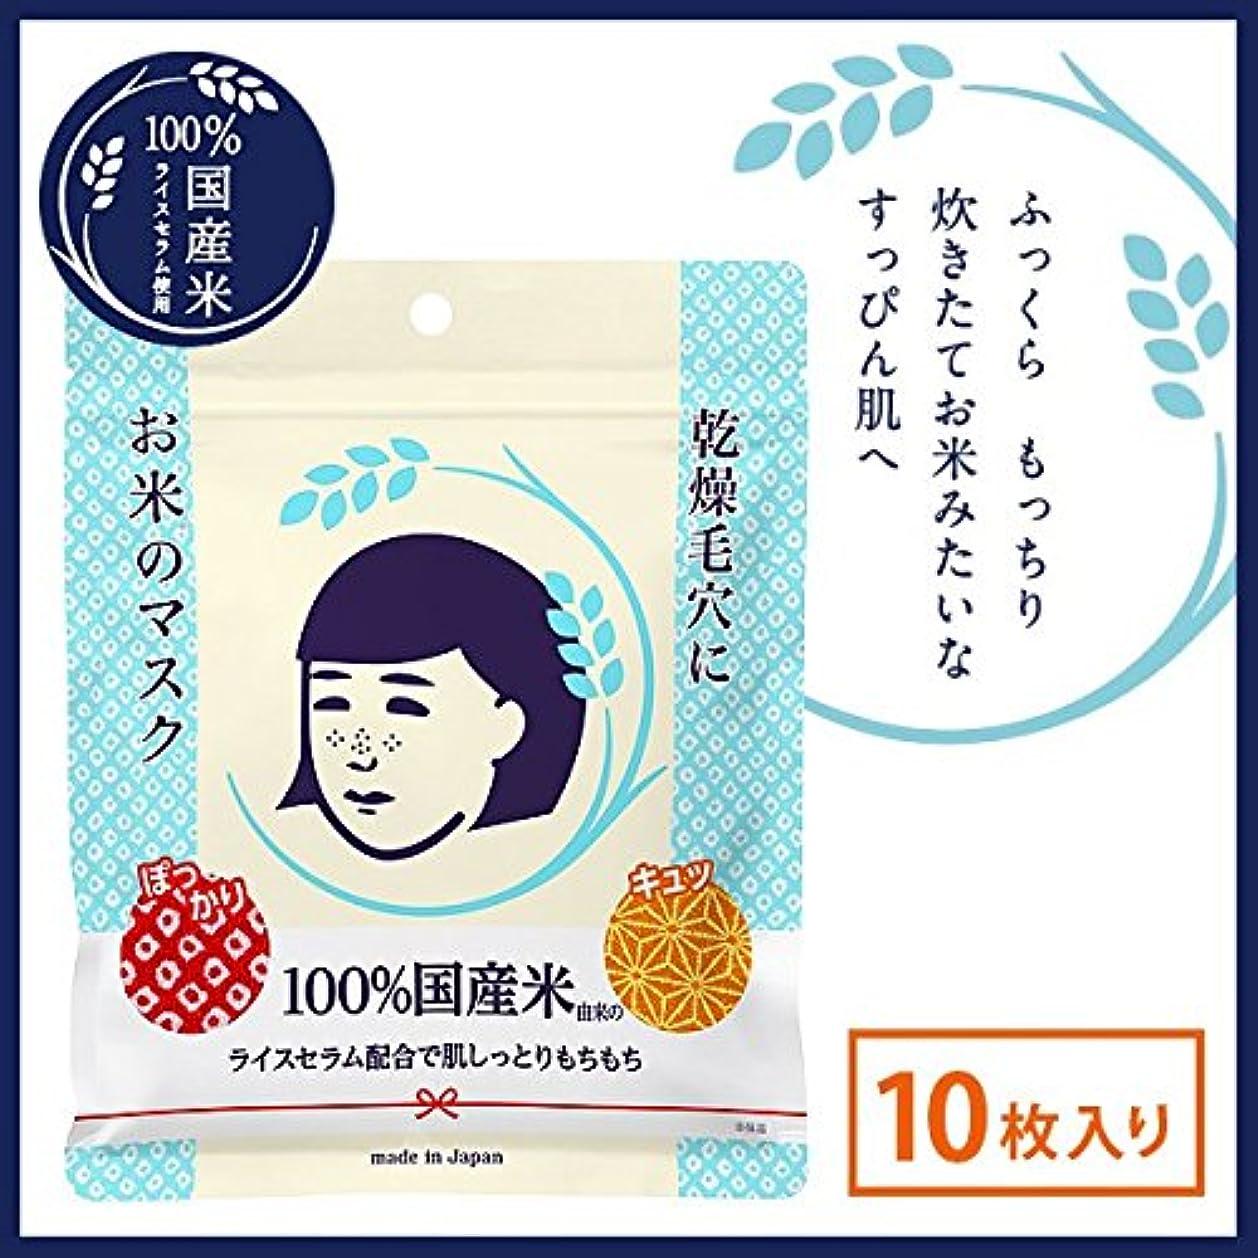 あるラウンジ困難毛穴撫子 お米のマスク(10枚入/袋) 48袋入りケース